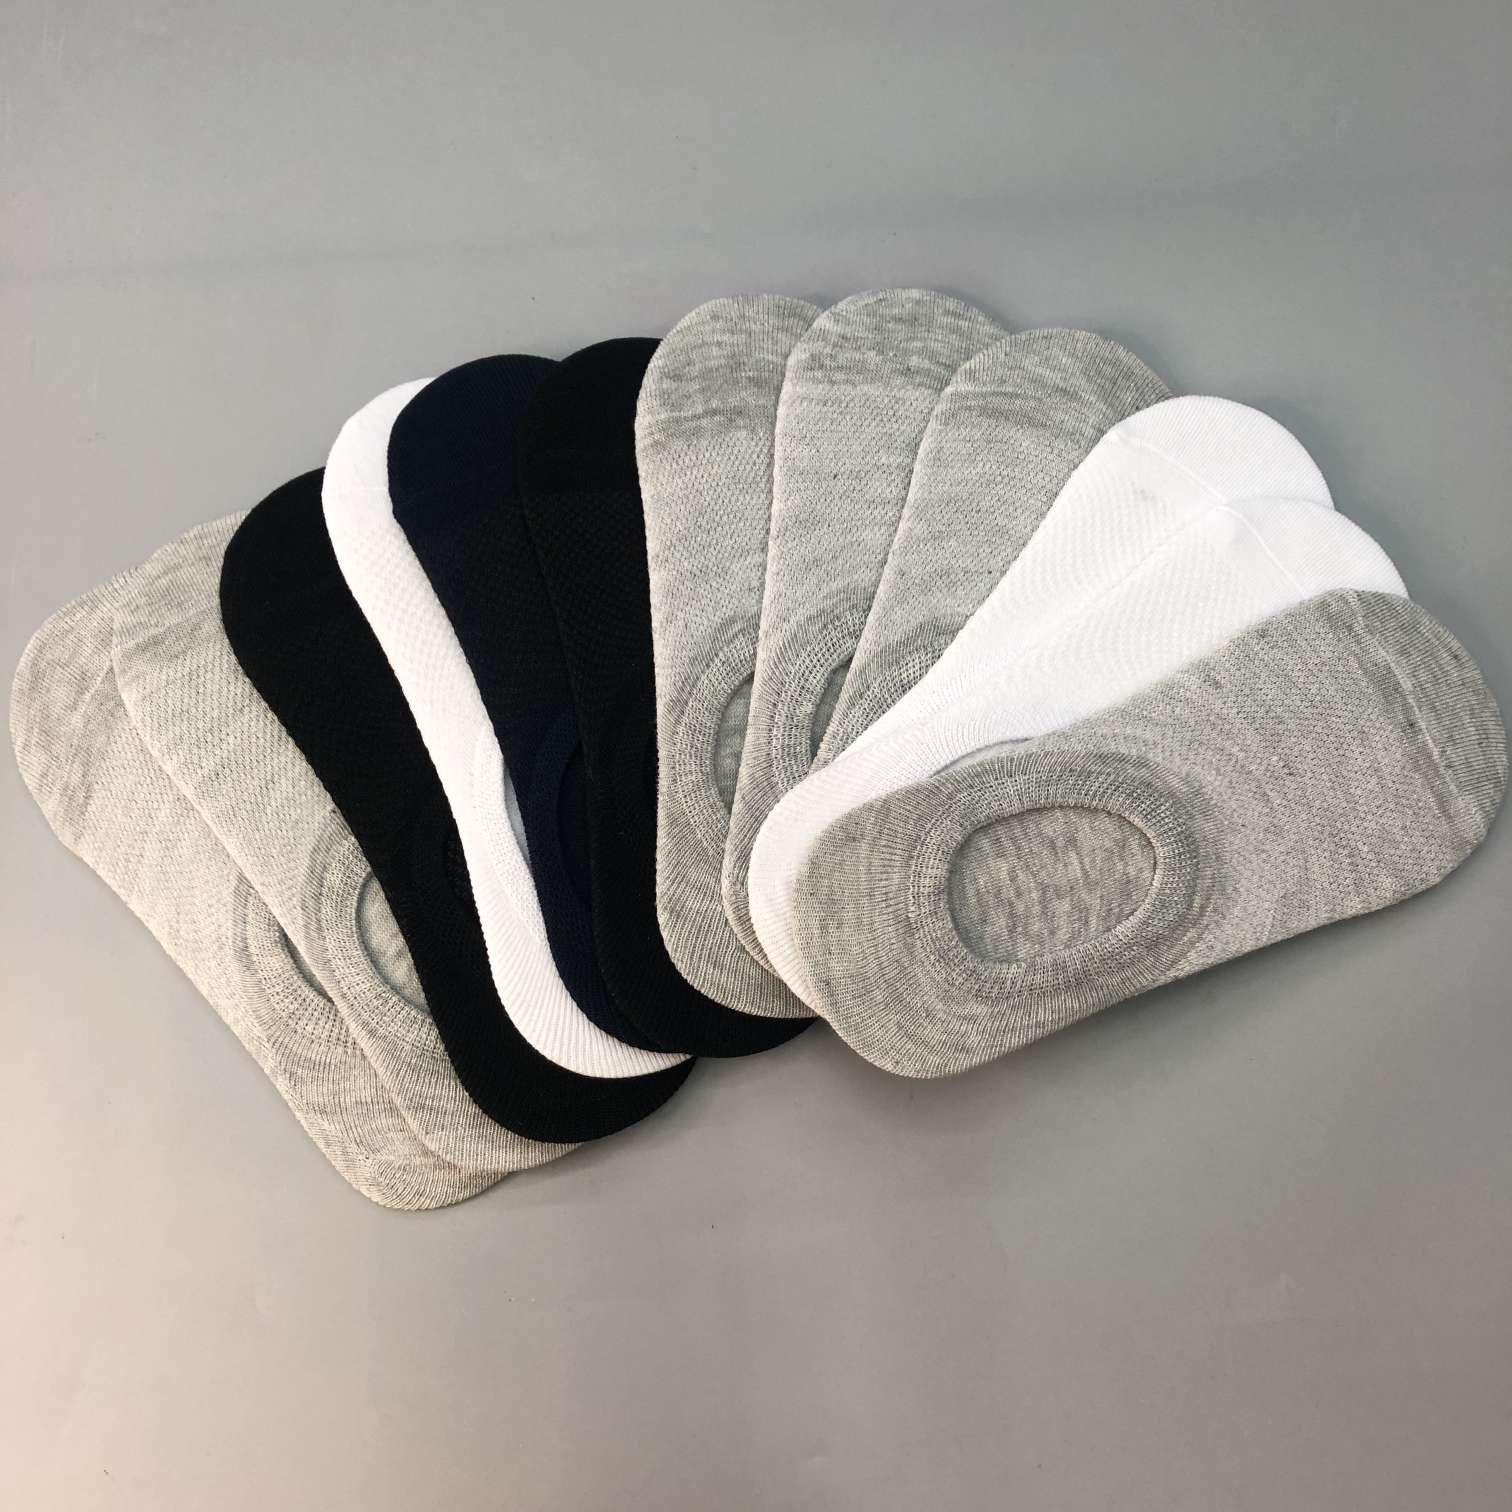 袜子男士船袜女士船袜男短袜情侣袜隐形硅胶船袜地板袜空调袜